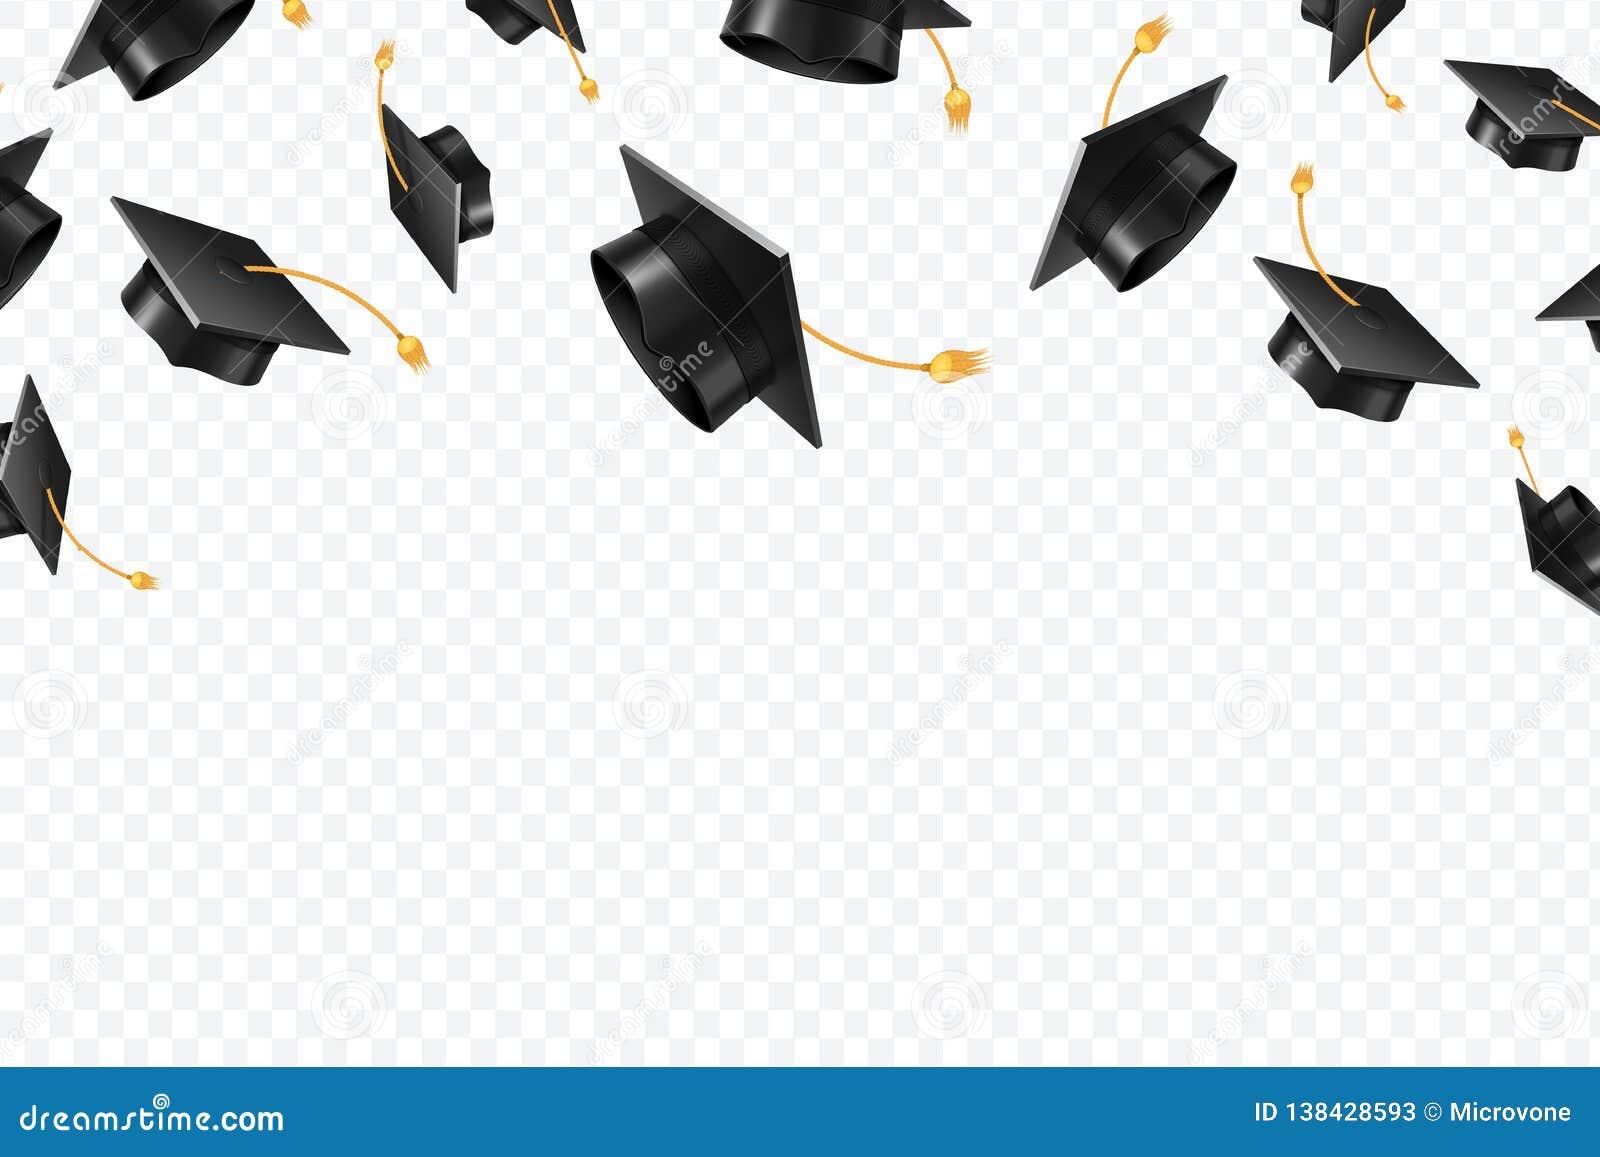 Paper Graduation Cap | 1155x1600